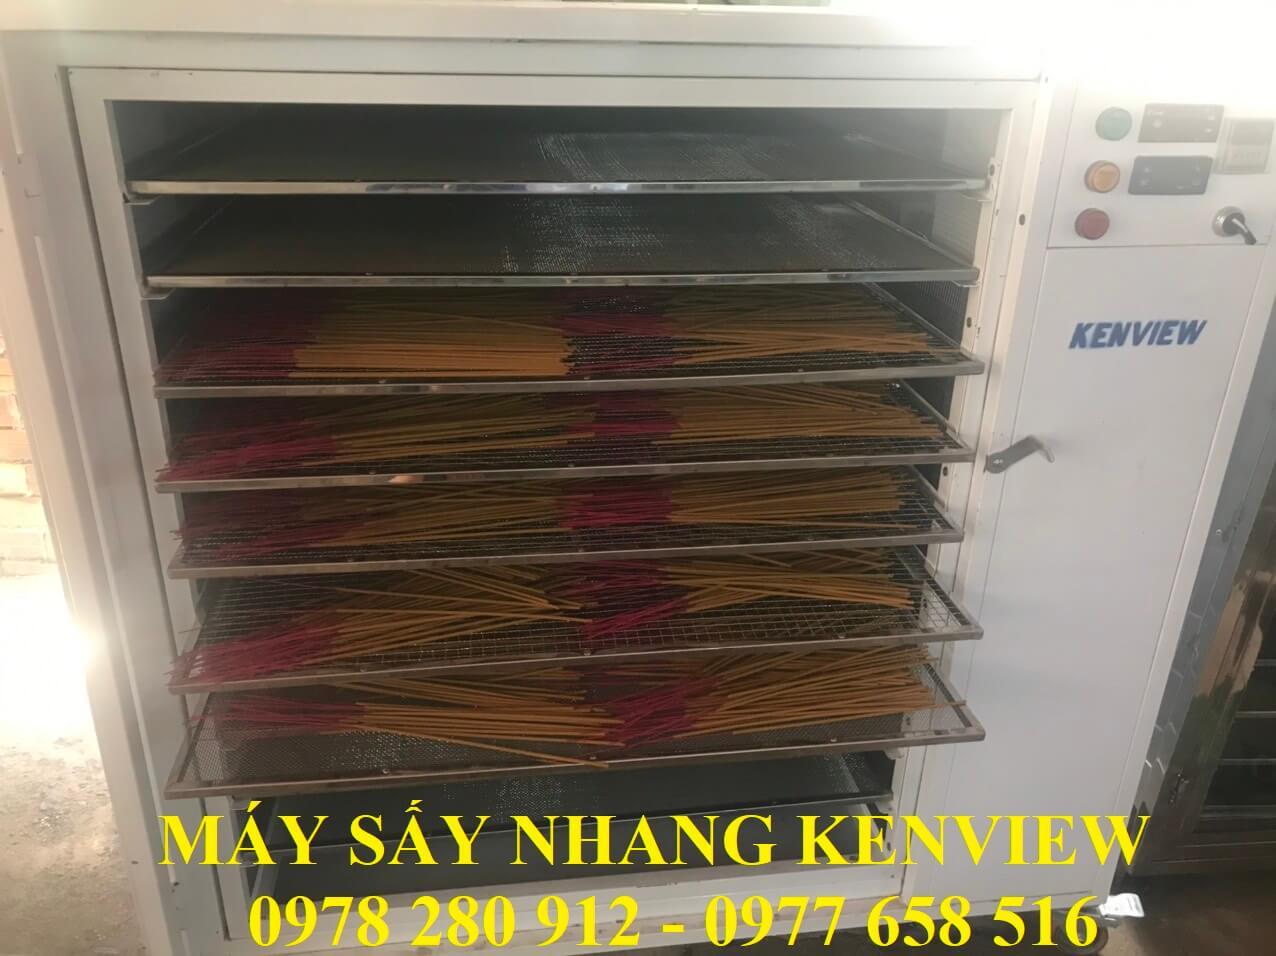 Mẫu nhang Khách tại Bình Định ghé Kenview sấy mẫu